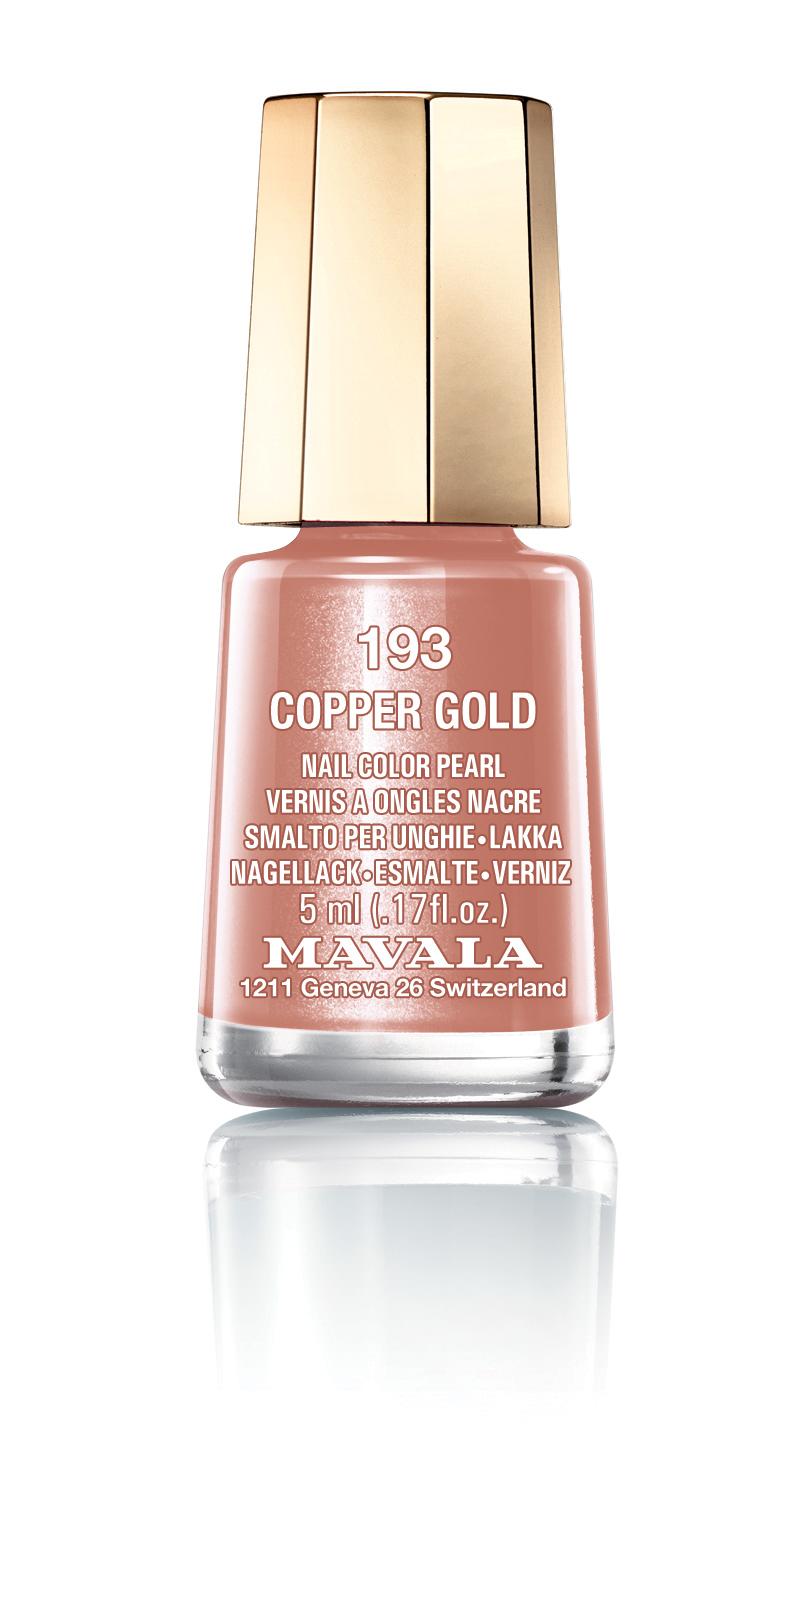 193 COPPER GOLD*